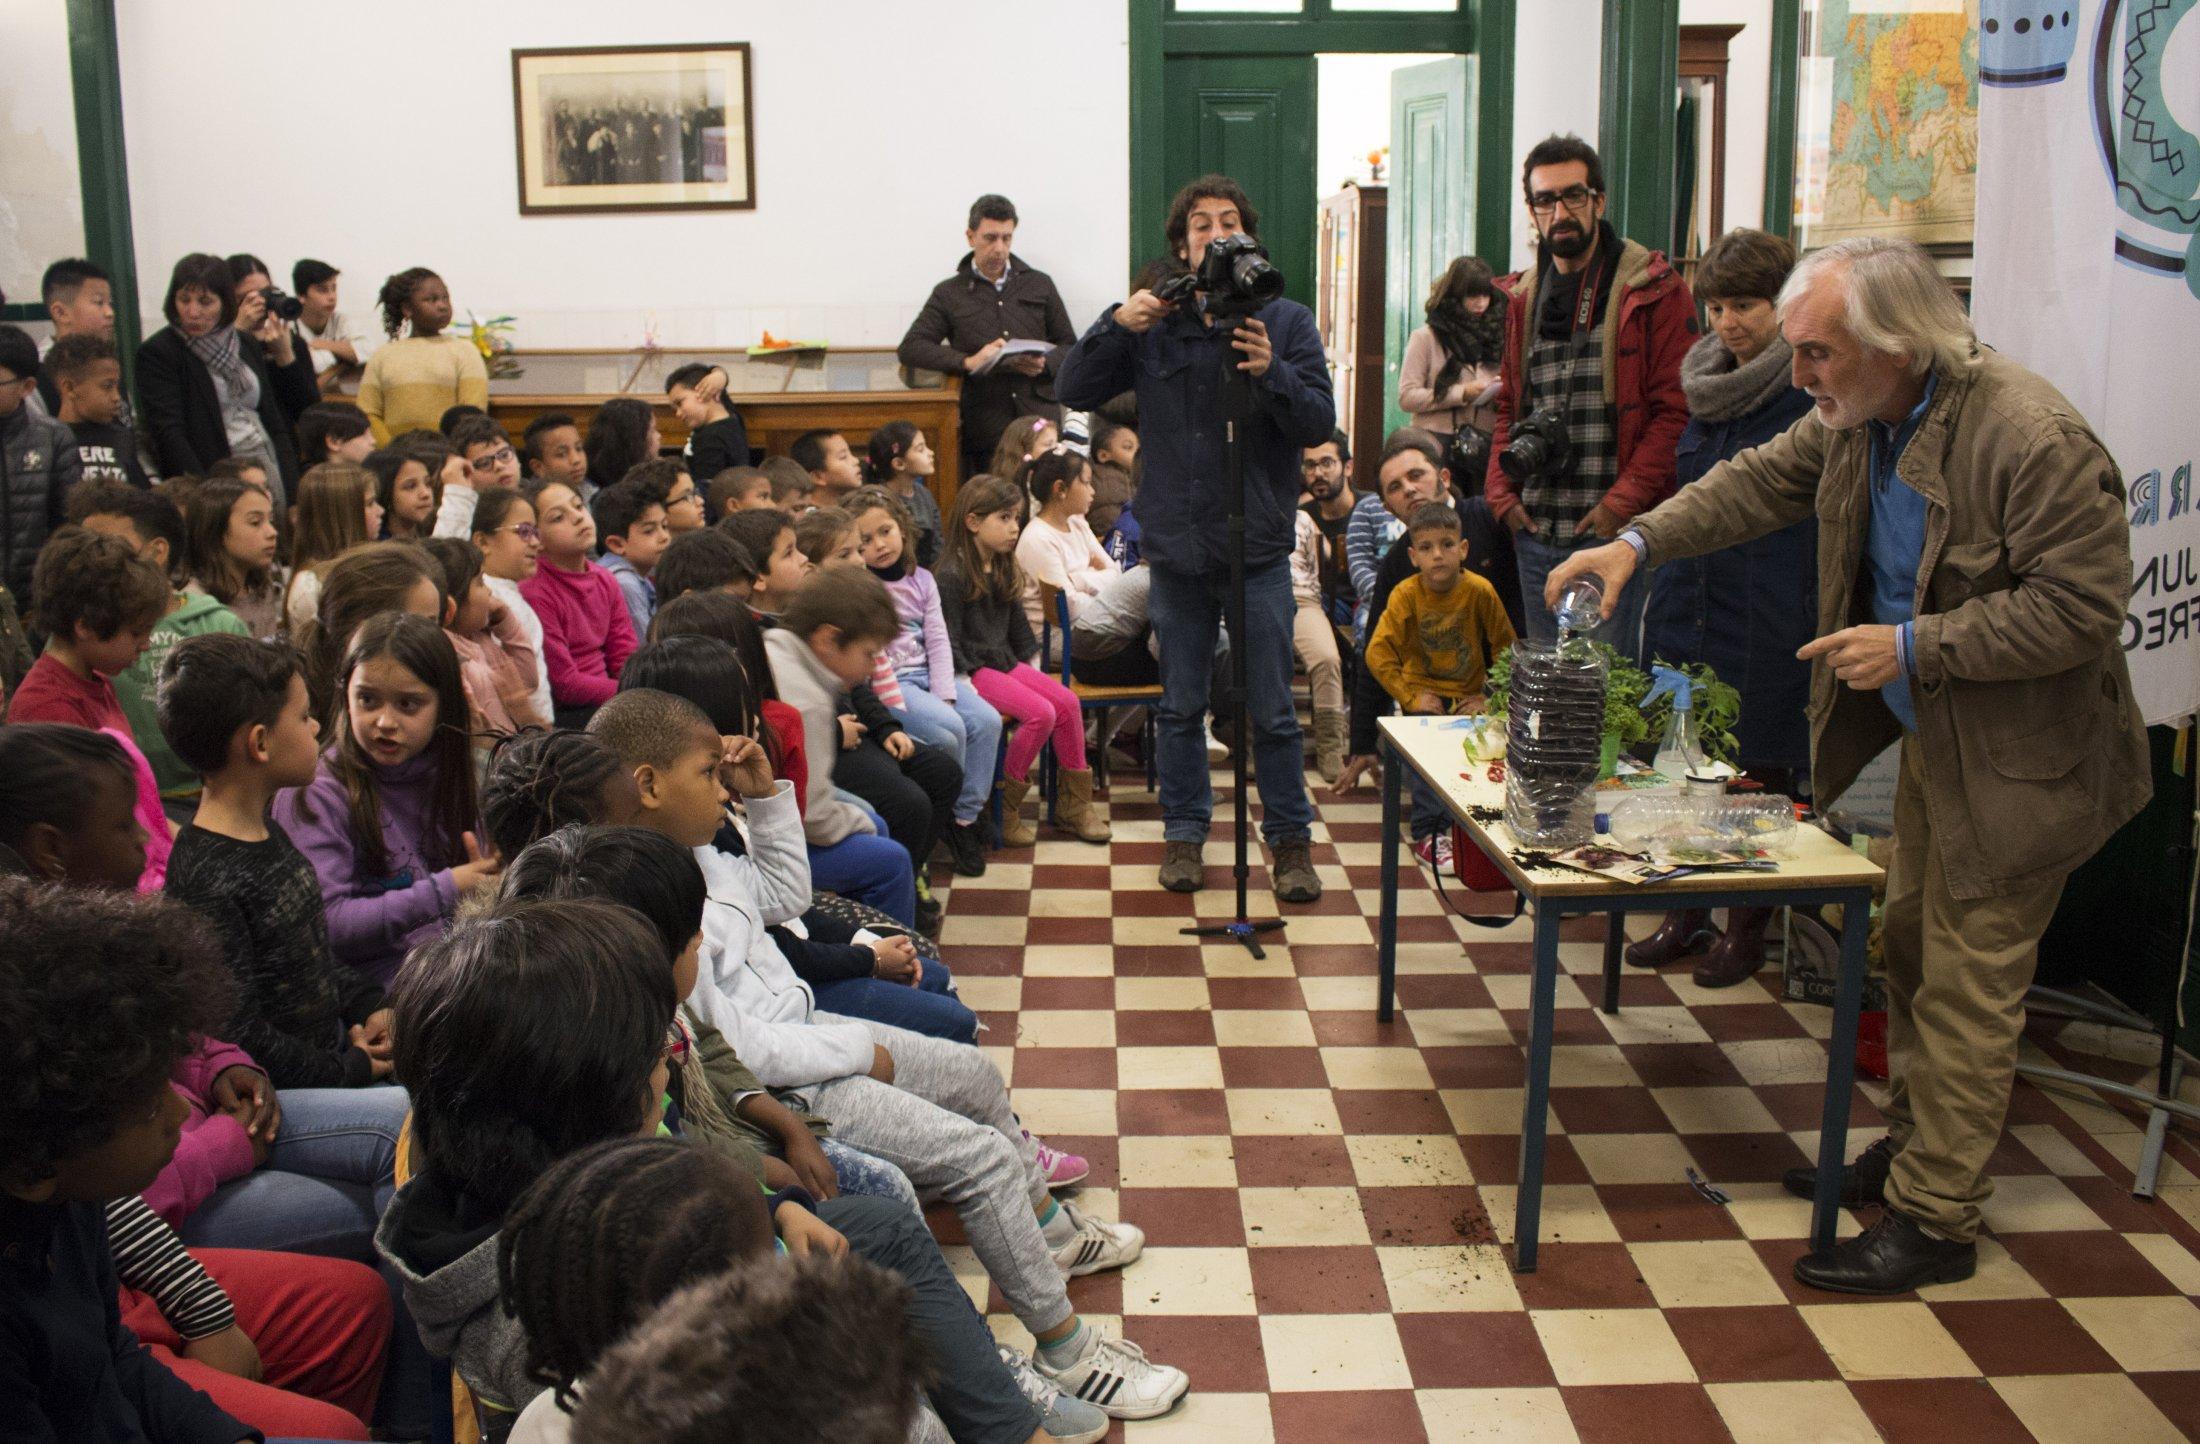 Dezenas de alunos assistiram ao workshop dado pelo autor espanhol.